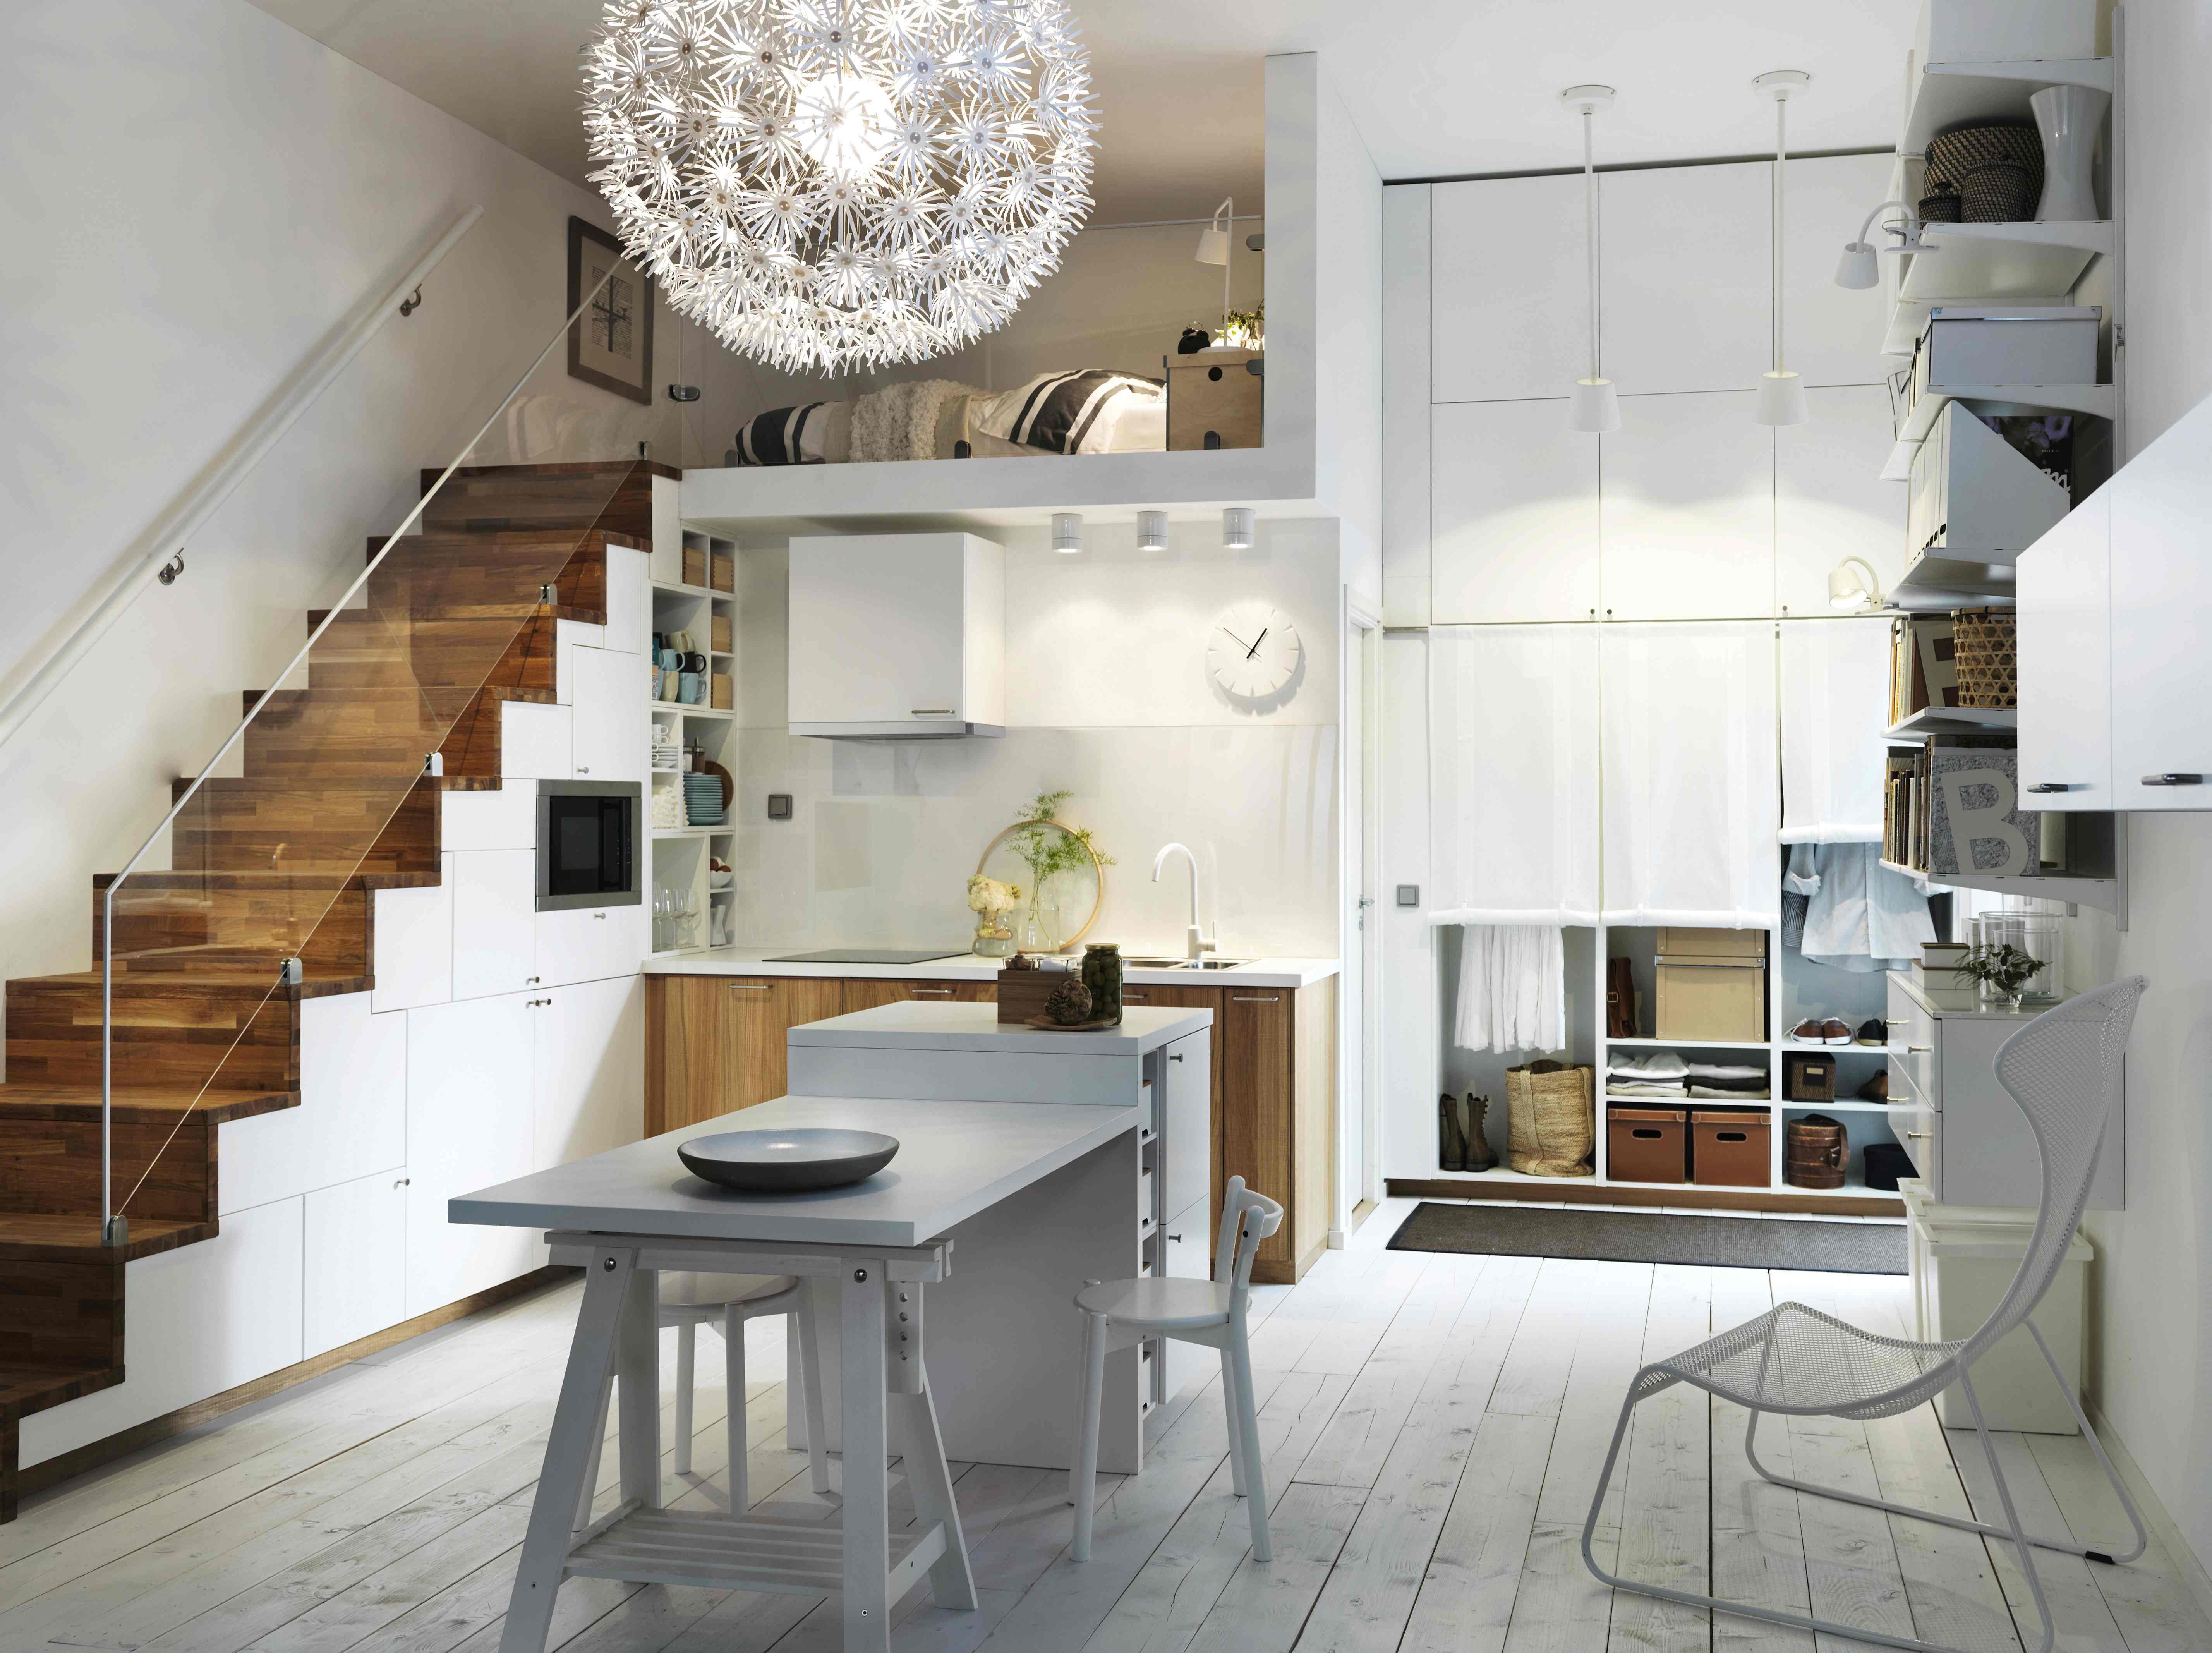 Небольшая лестница тоже может значительно сэкономить пространство дачного дома